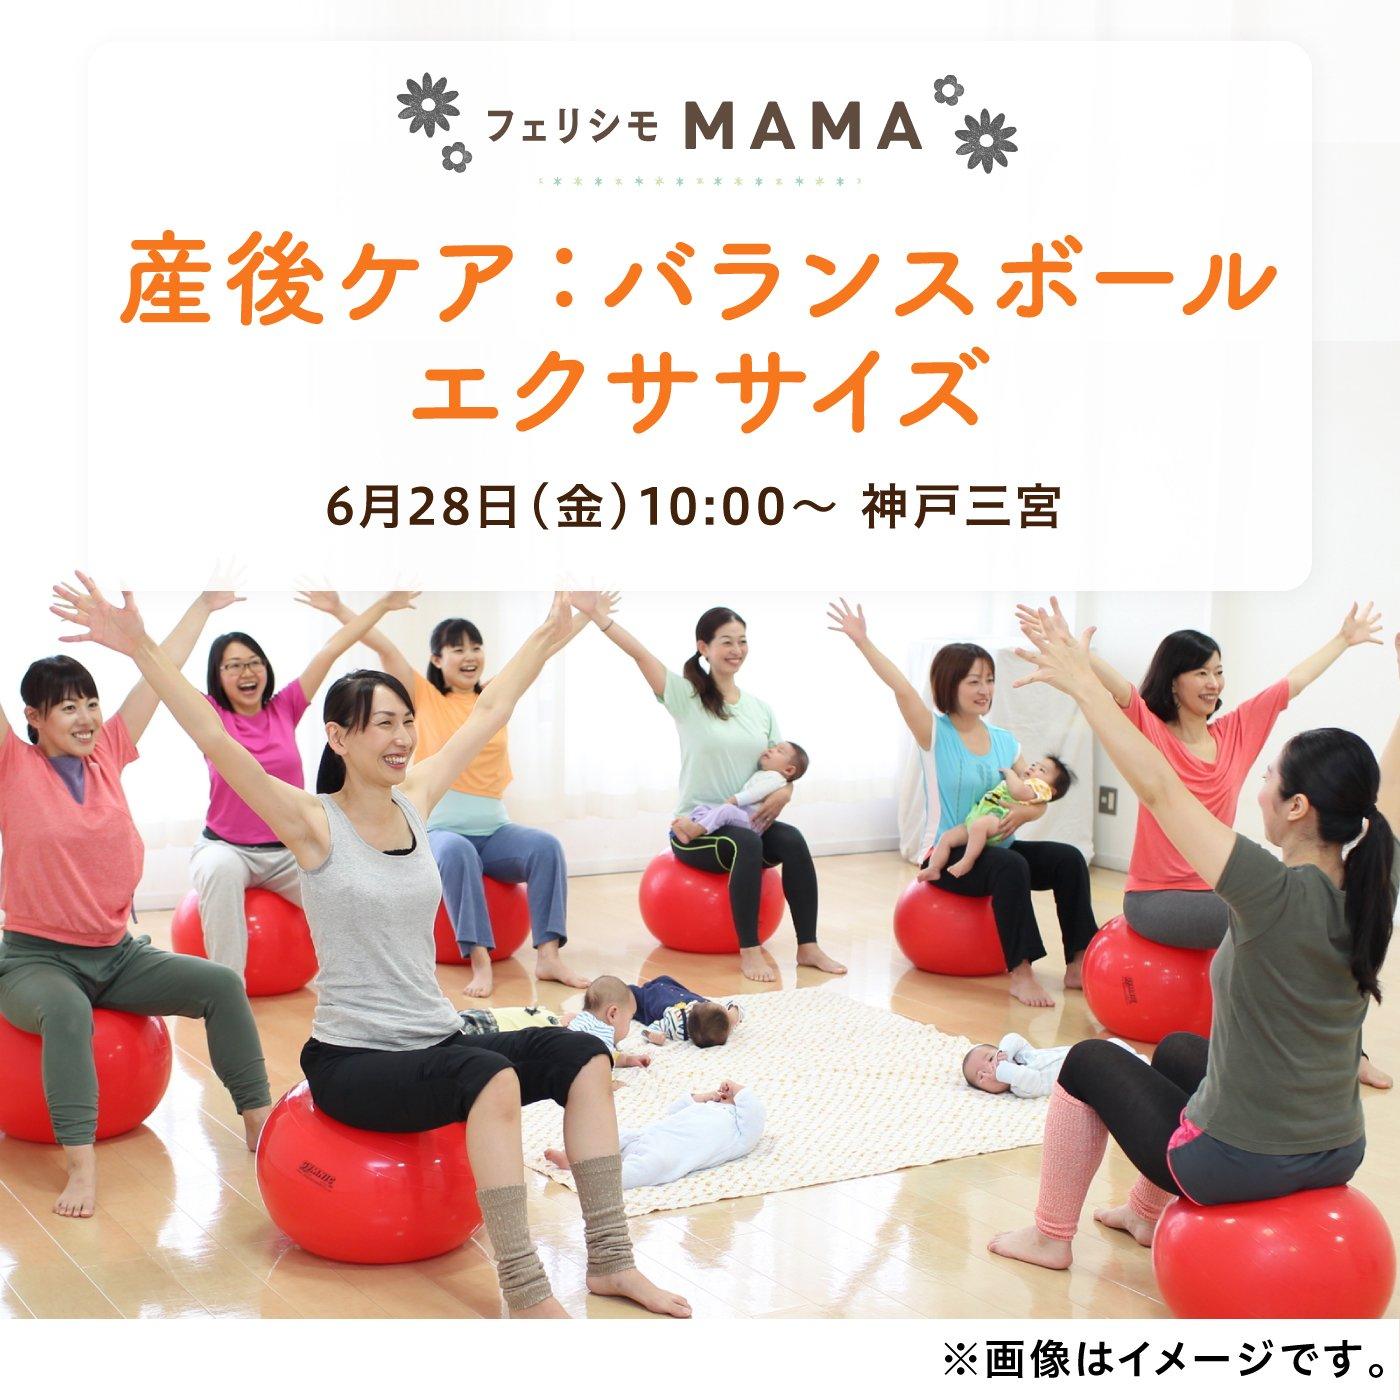 〈フェリシモMAMA〉2019年6月28日(金)産後ケア:バランスボールエクササイズ